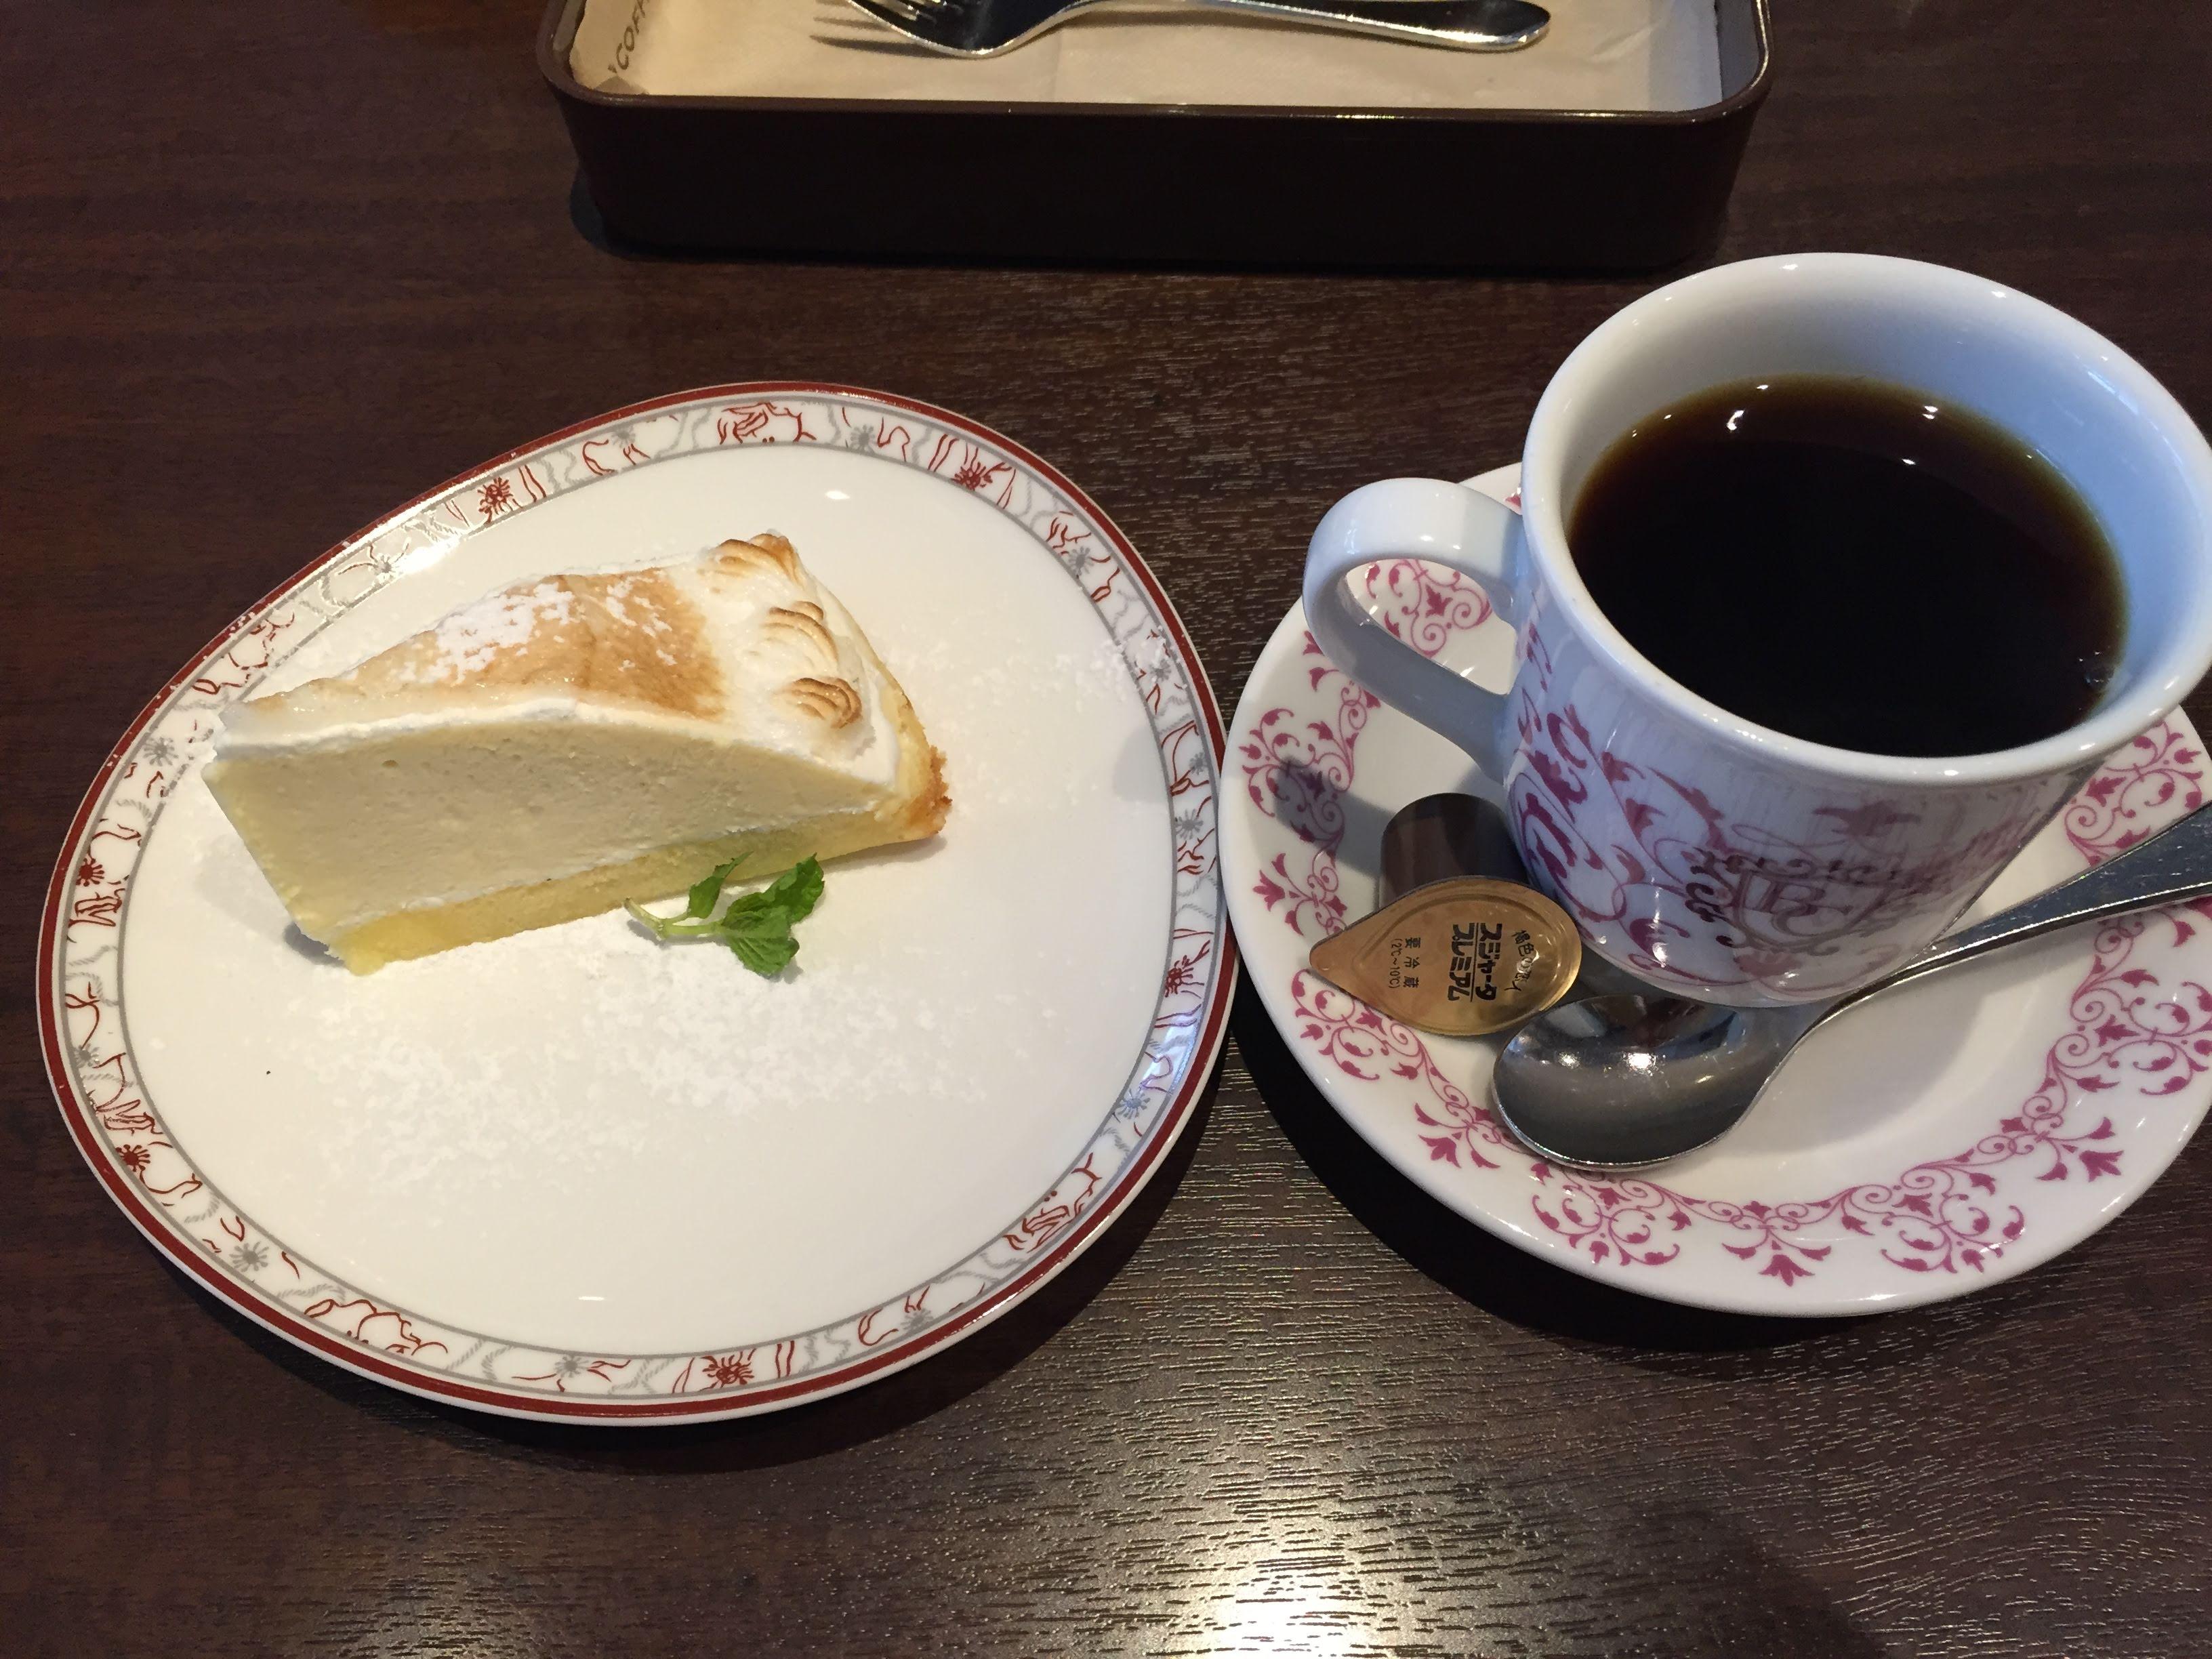 ビリオン珈琲 北白川店 ケーキセット